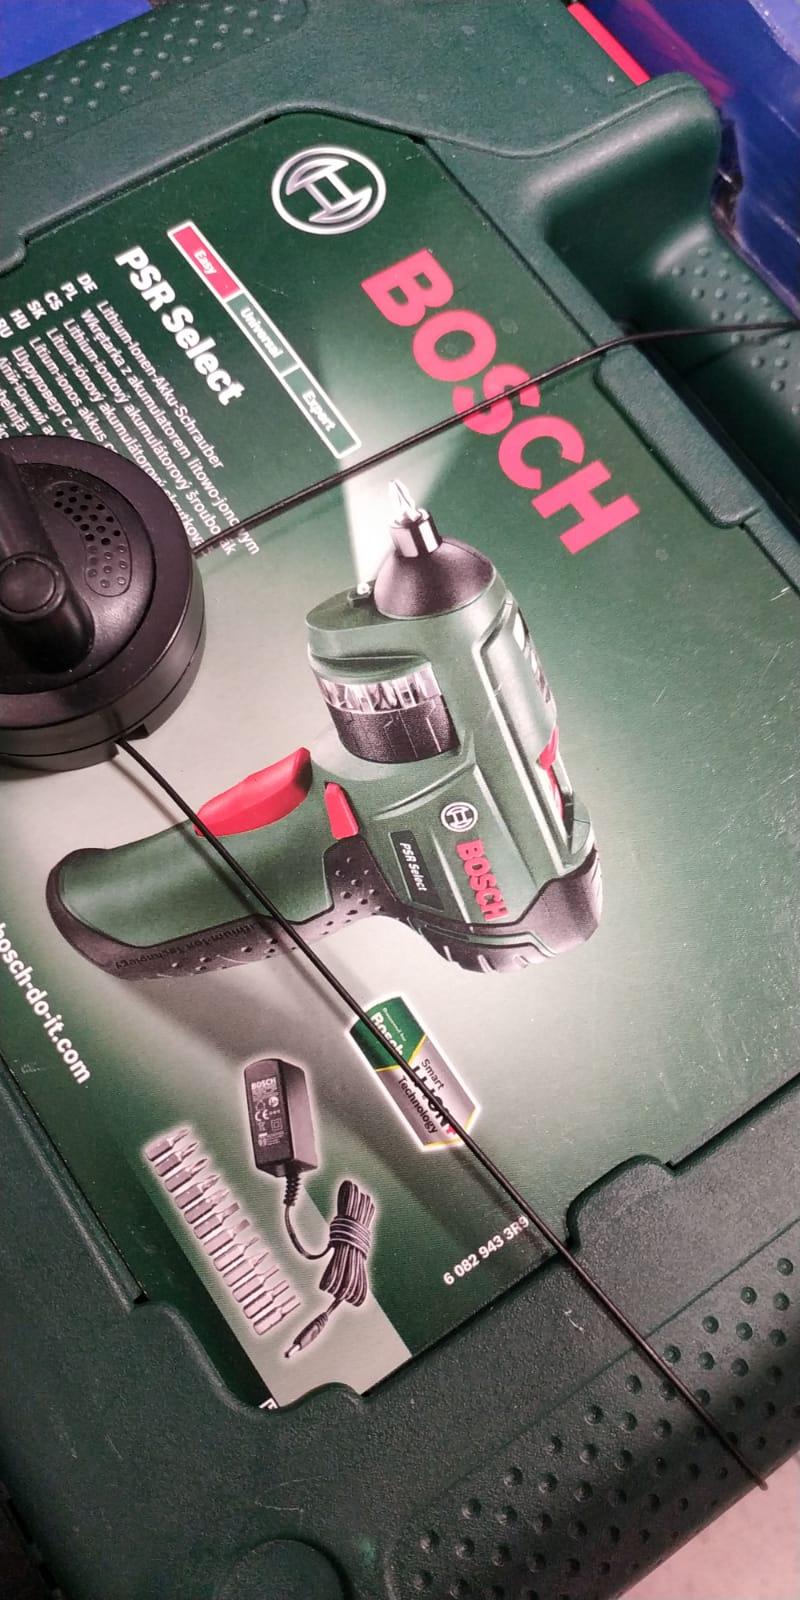 Wkrętarka Bosch PSR Select 3,6V 1500mAh